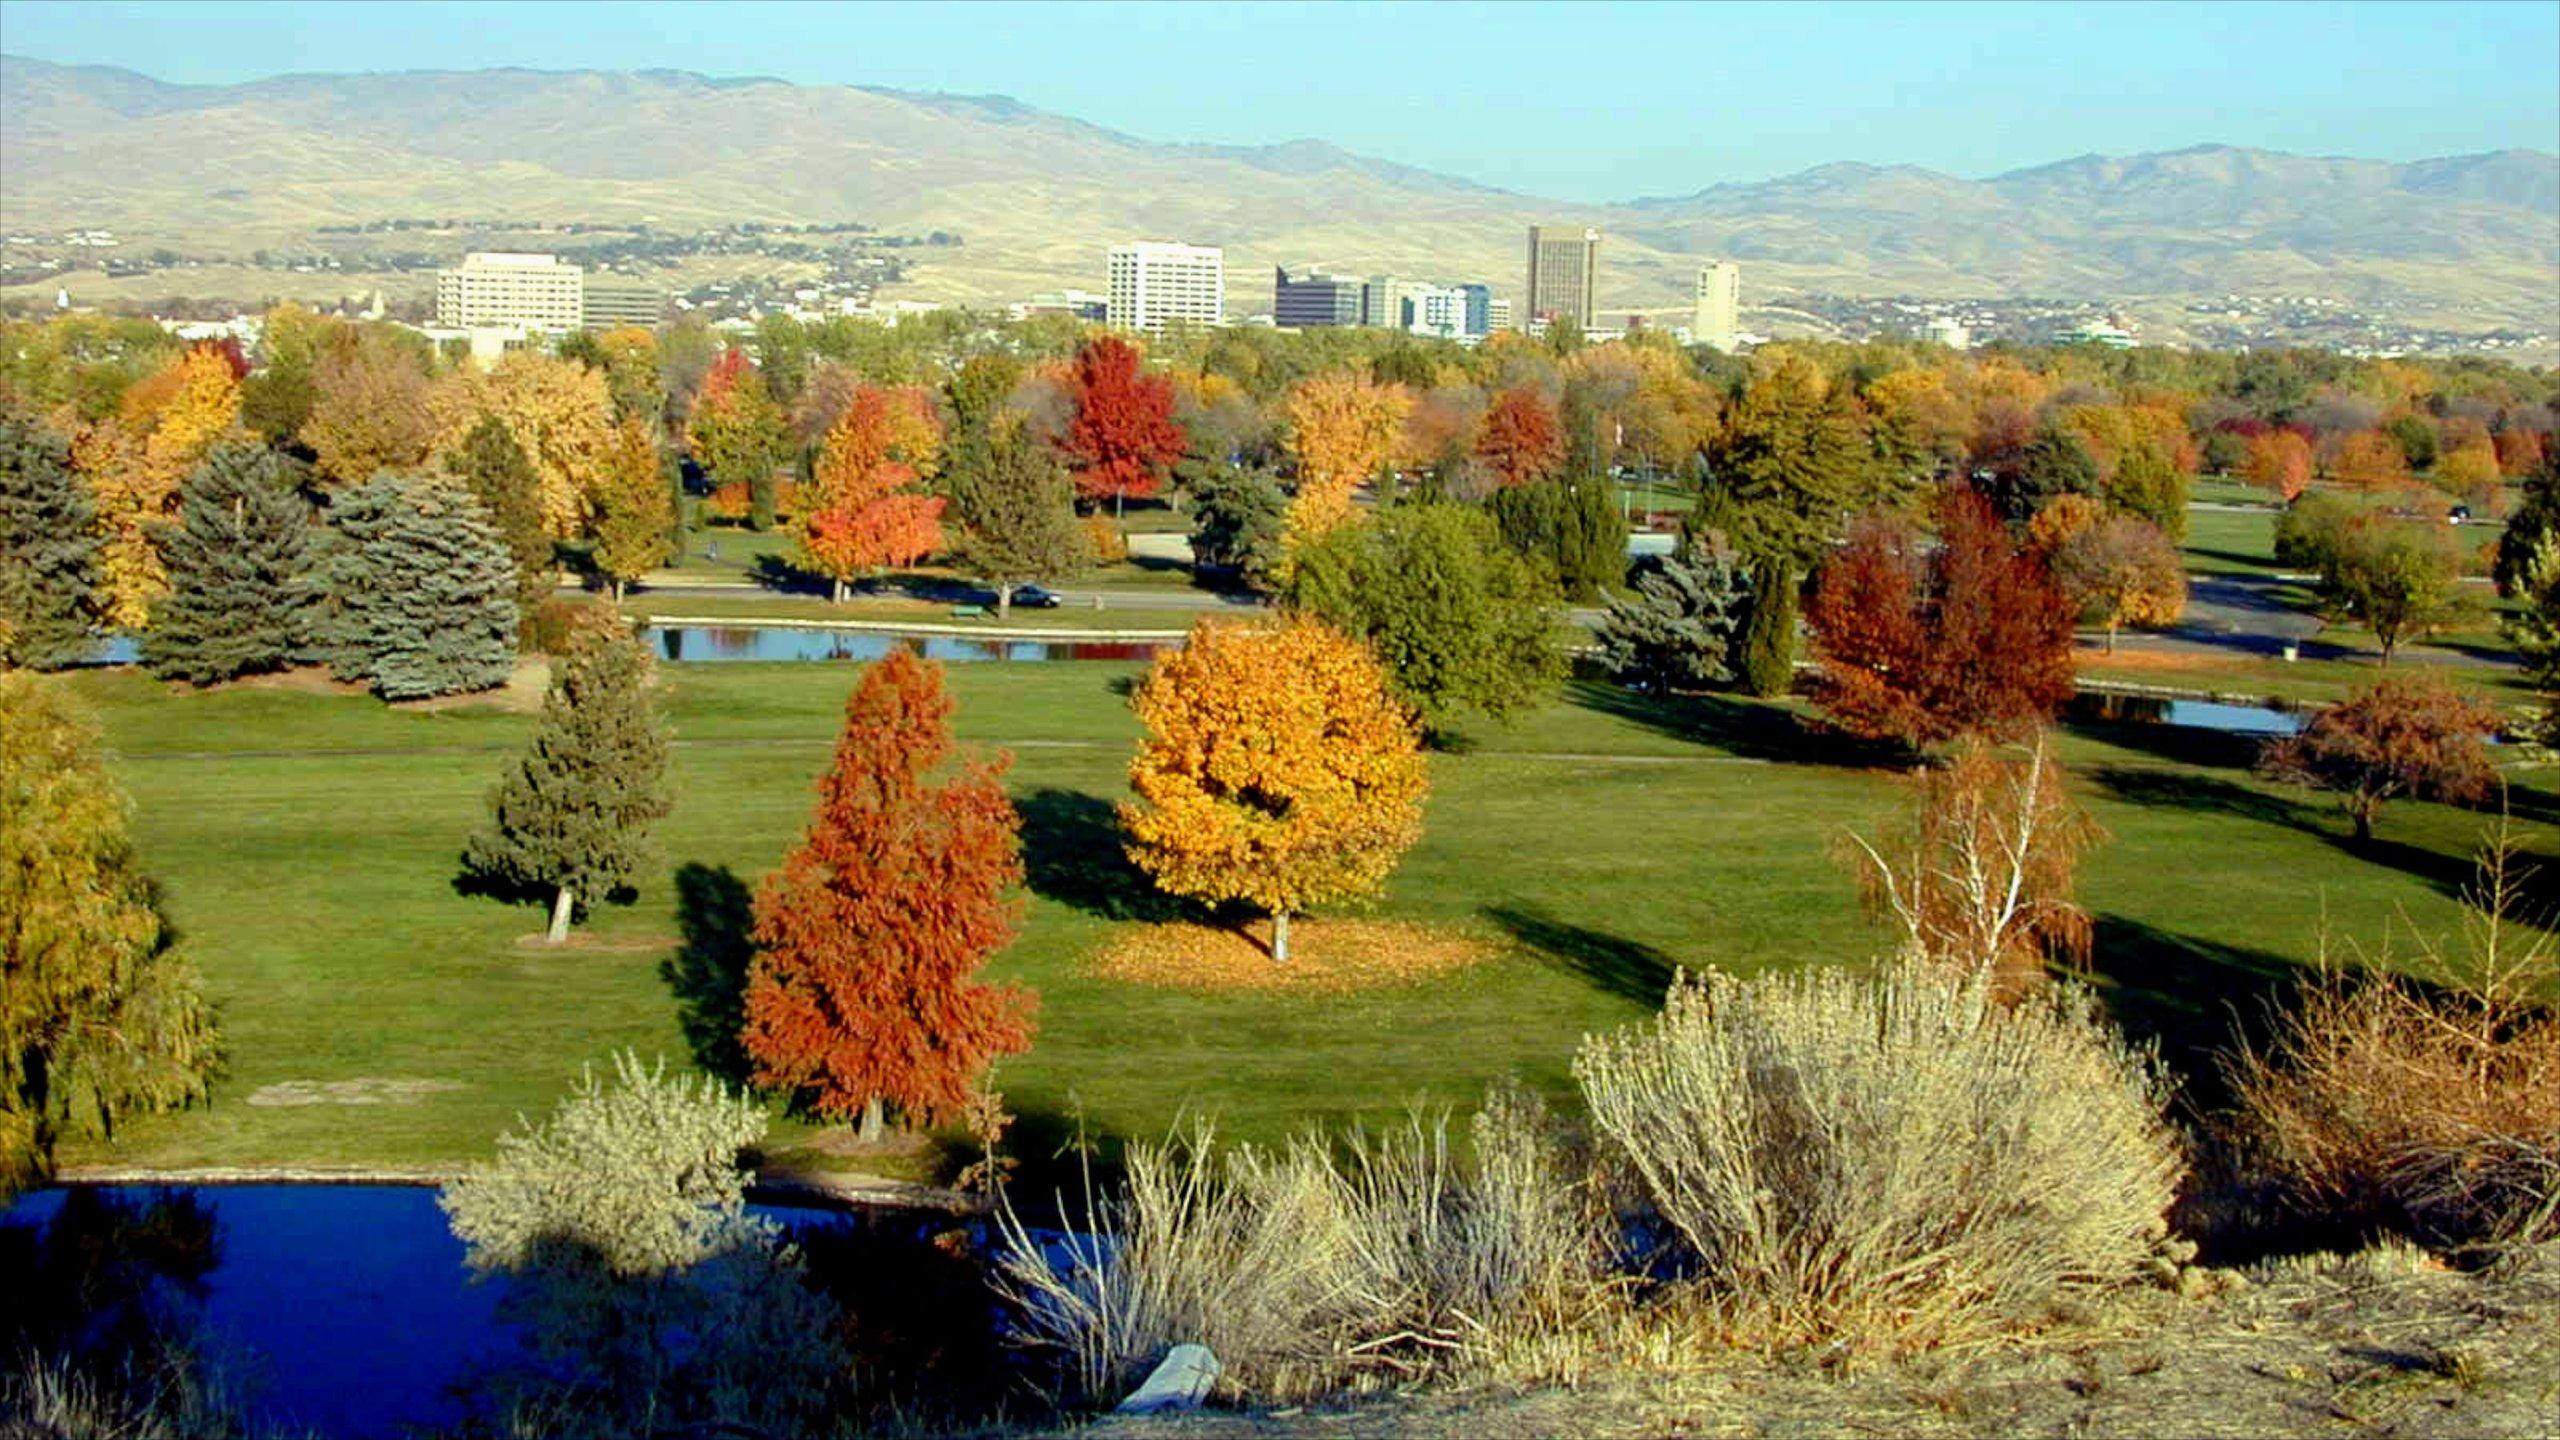 Boise joka esittää syksyn värit ja puutarha